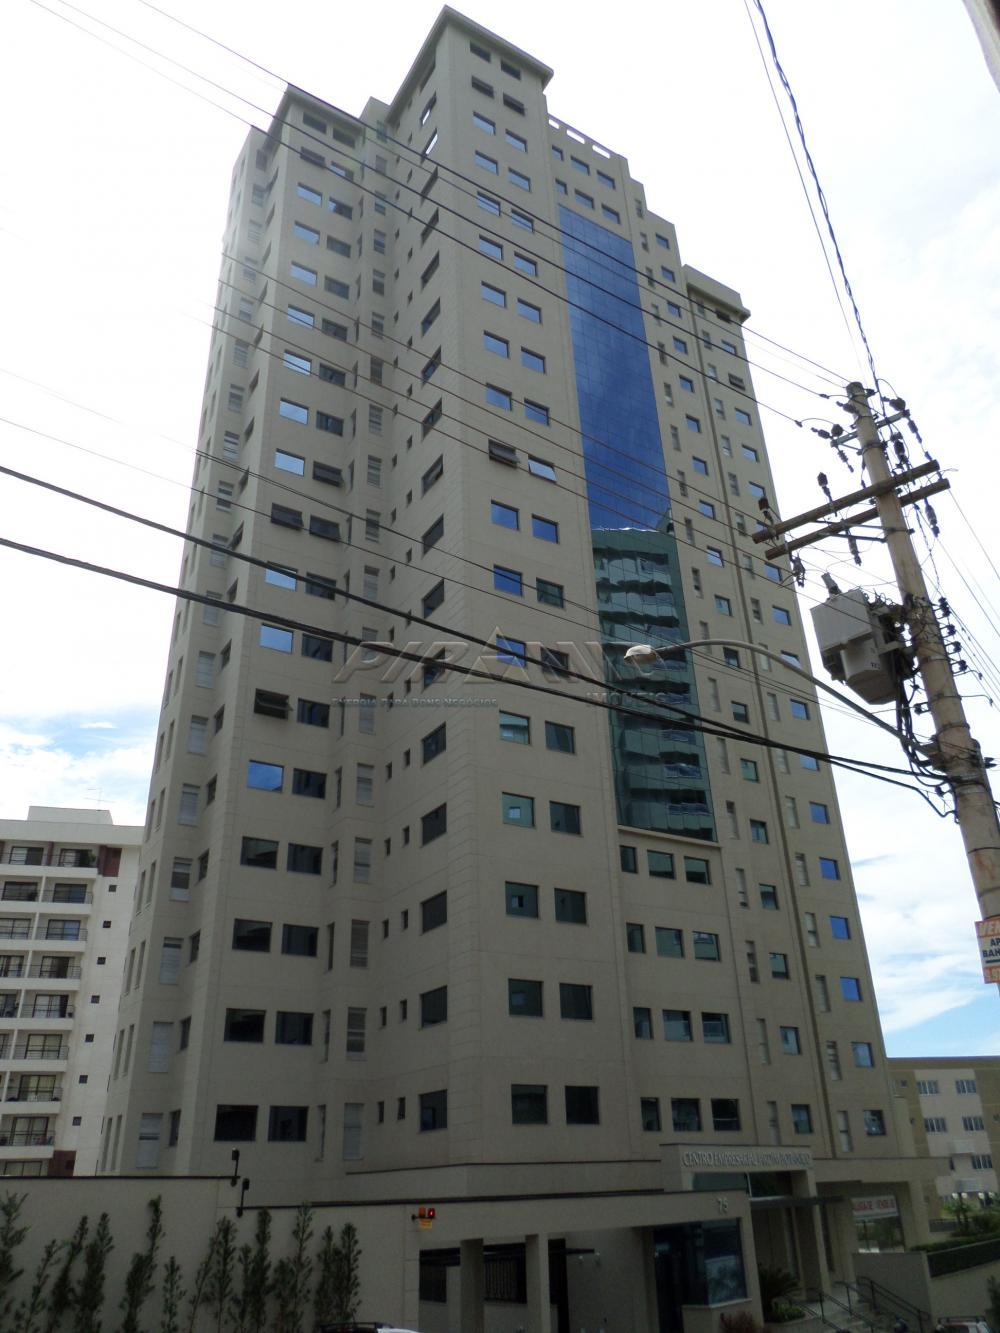 Alugar Comercial / Sala em Ribeirão Preto apenas R$ 4.800,00 - Foto 12